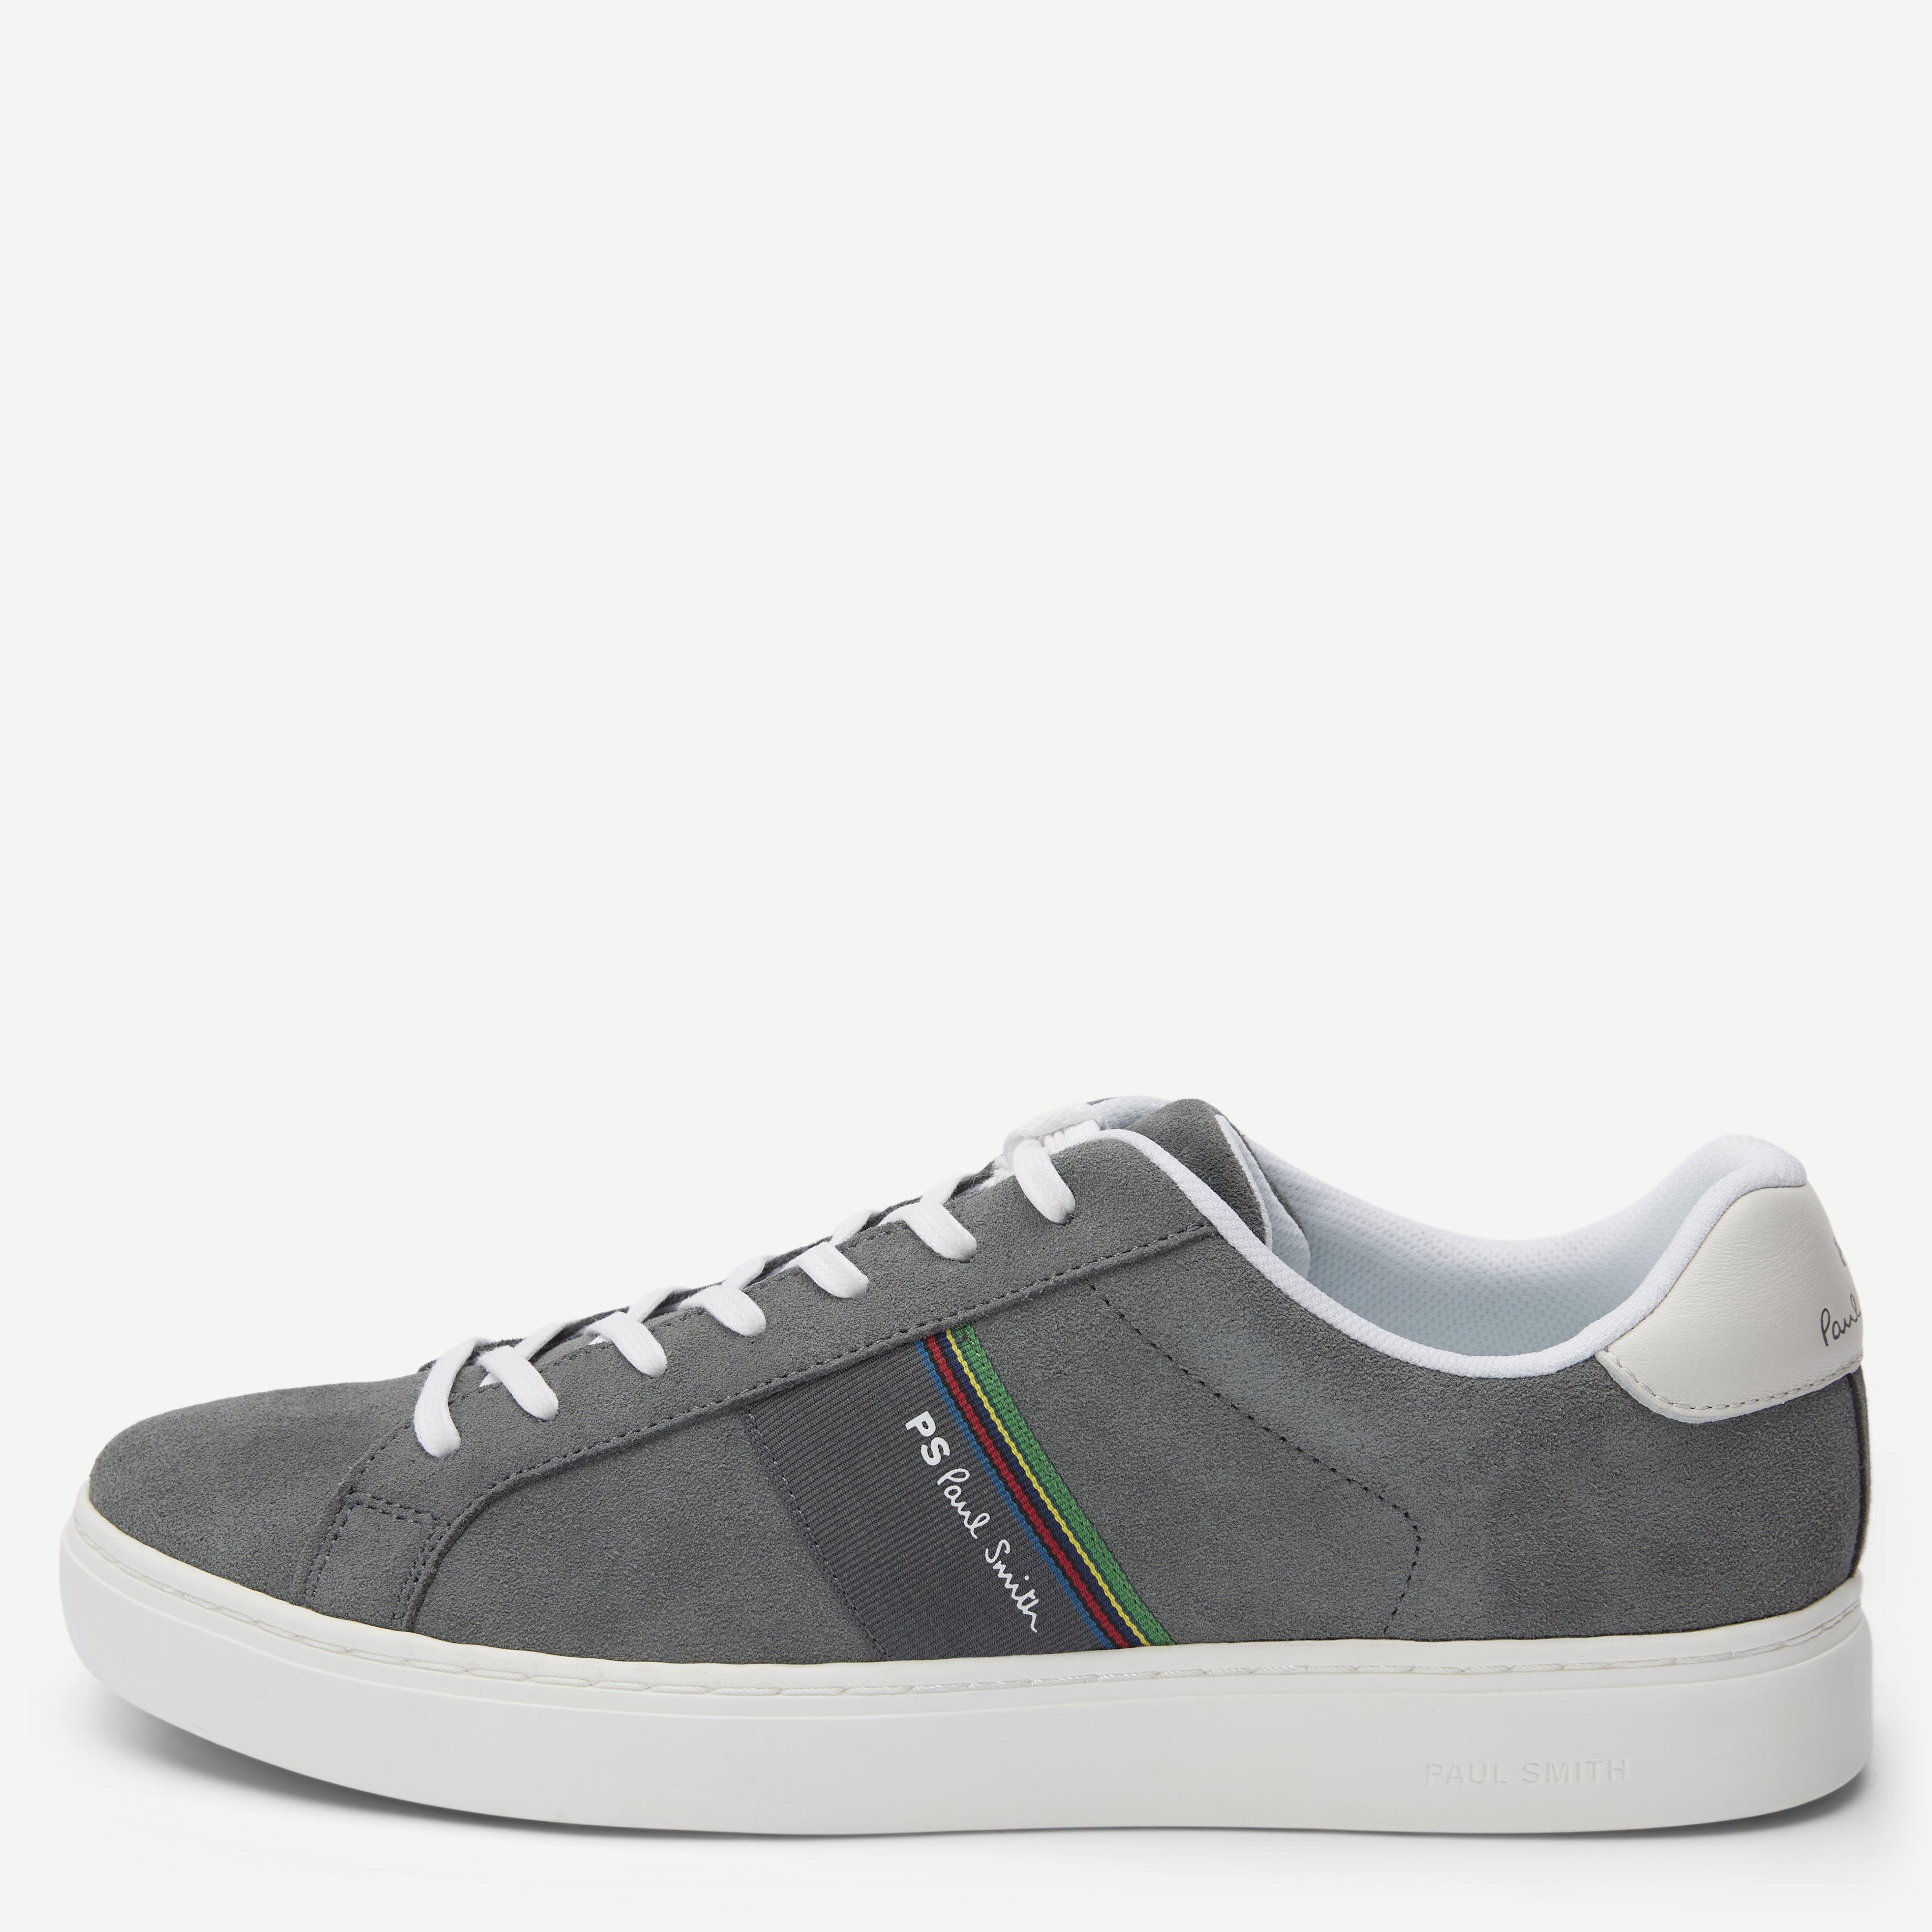 Schuhe - Grau